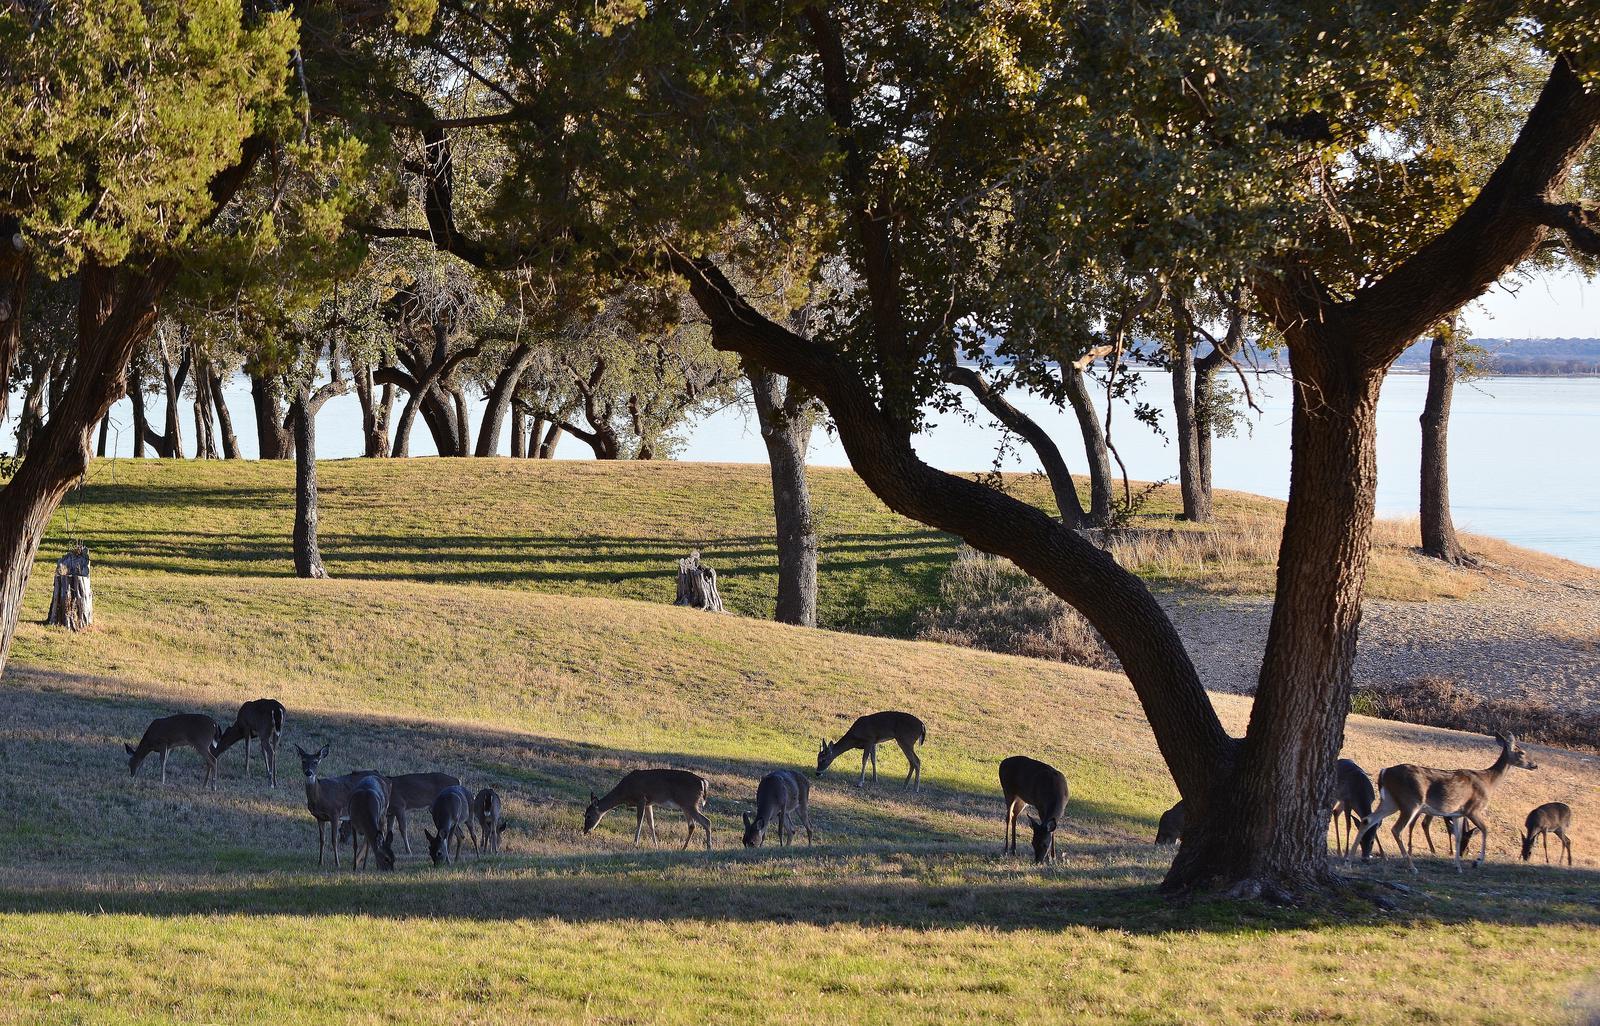 A herd of deer grazing in Airport Park